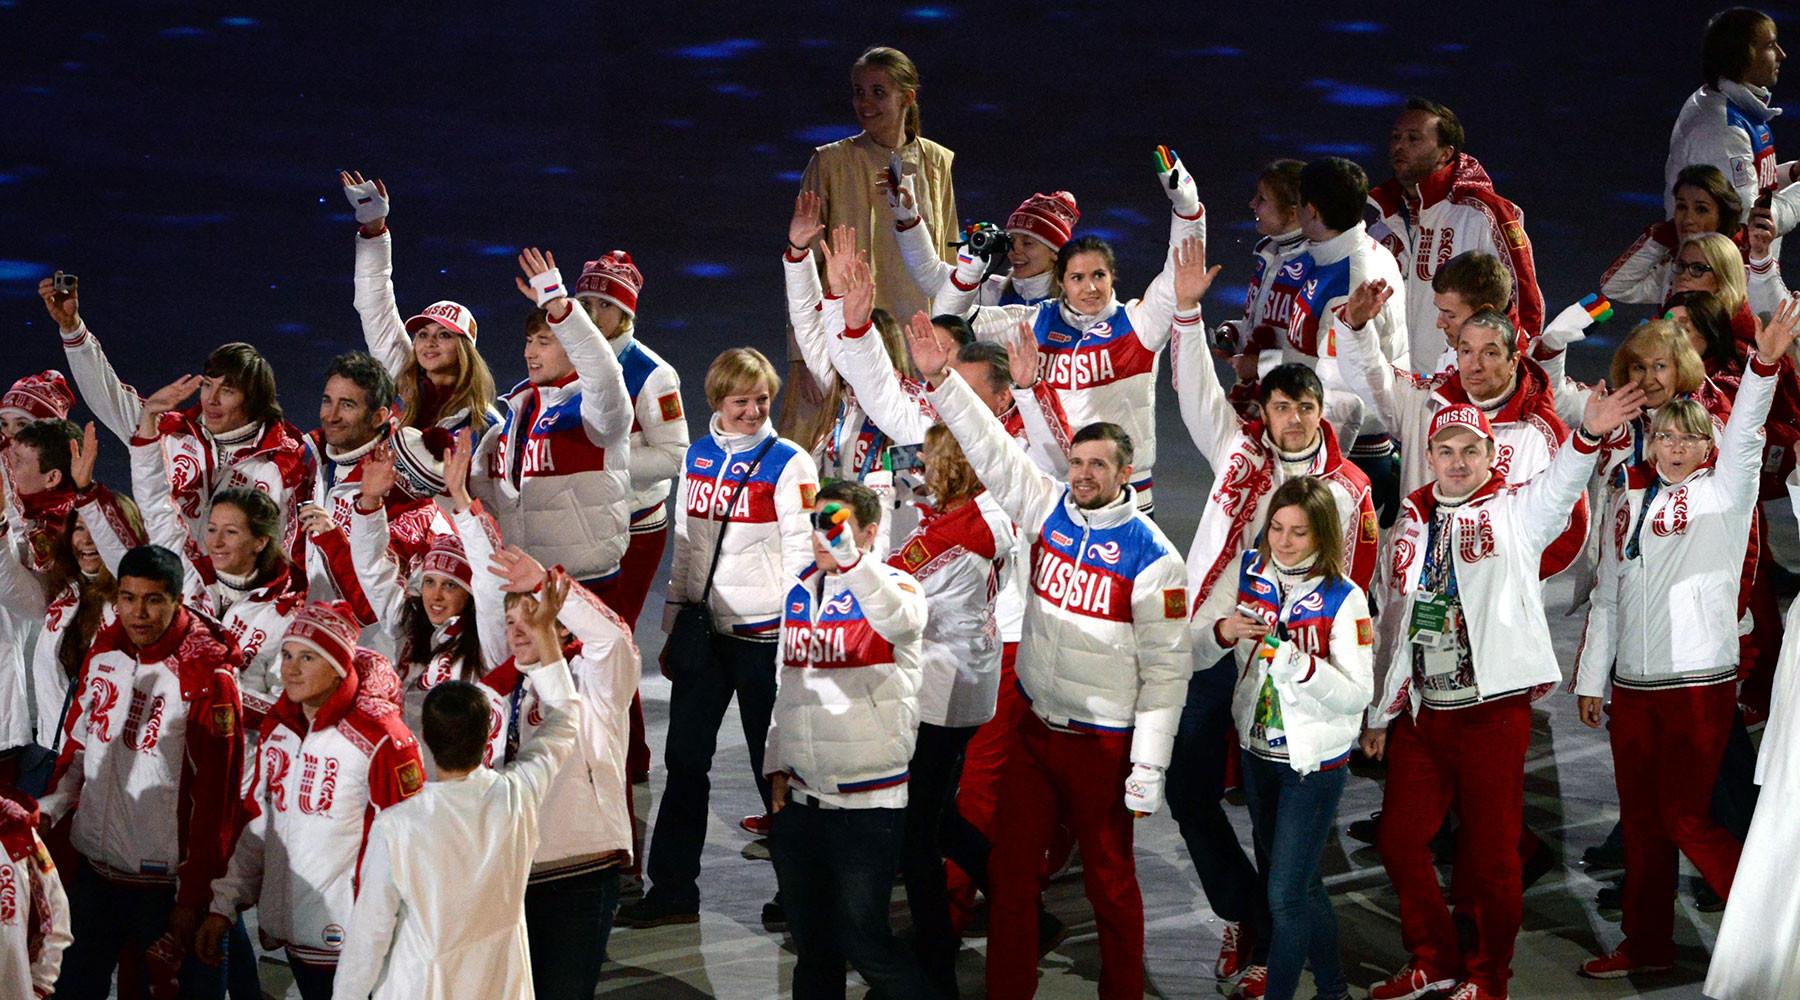 сколько российских спортсменов смогут поехать на Олимпиаду в Пхёнчхане»